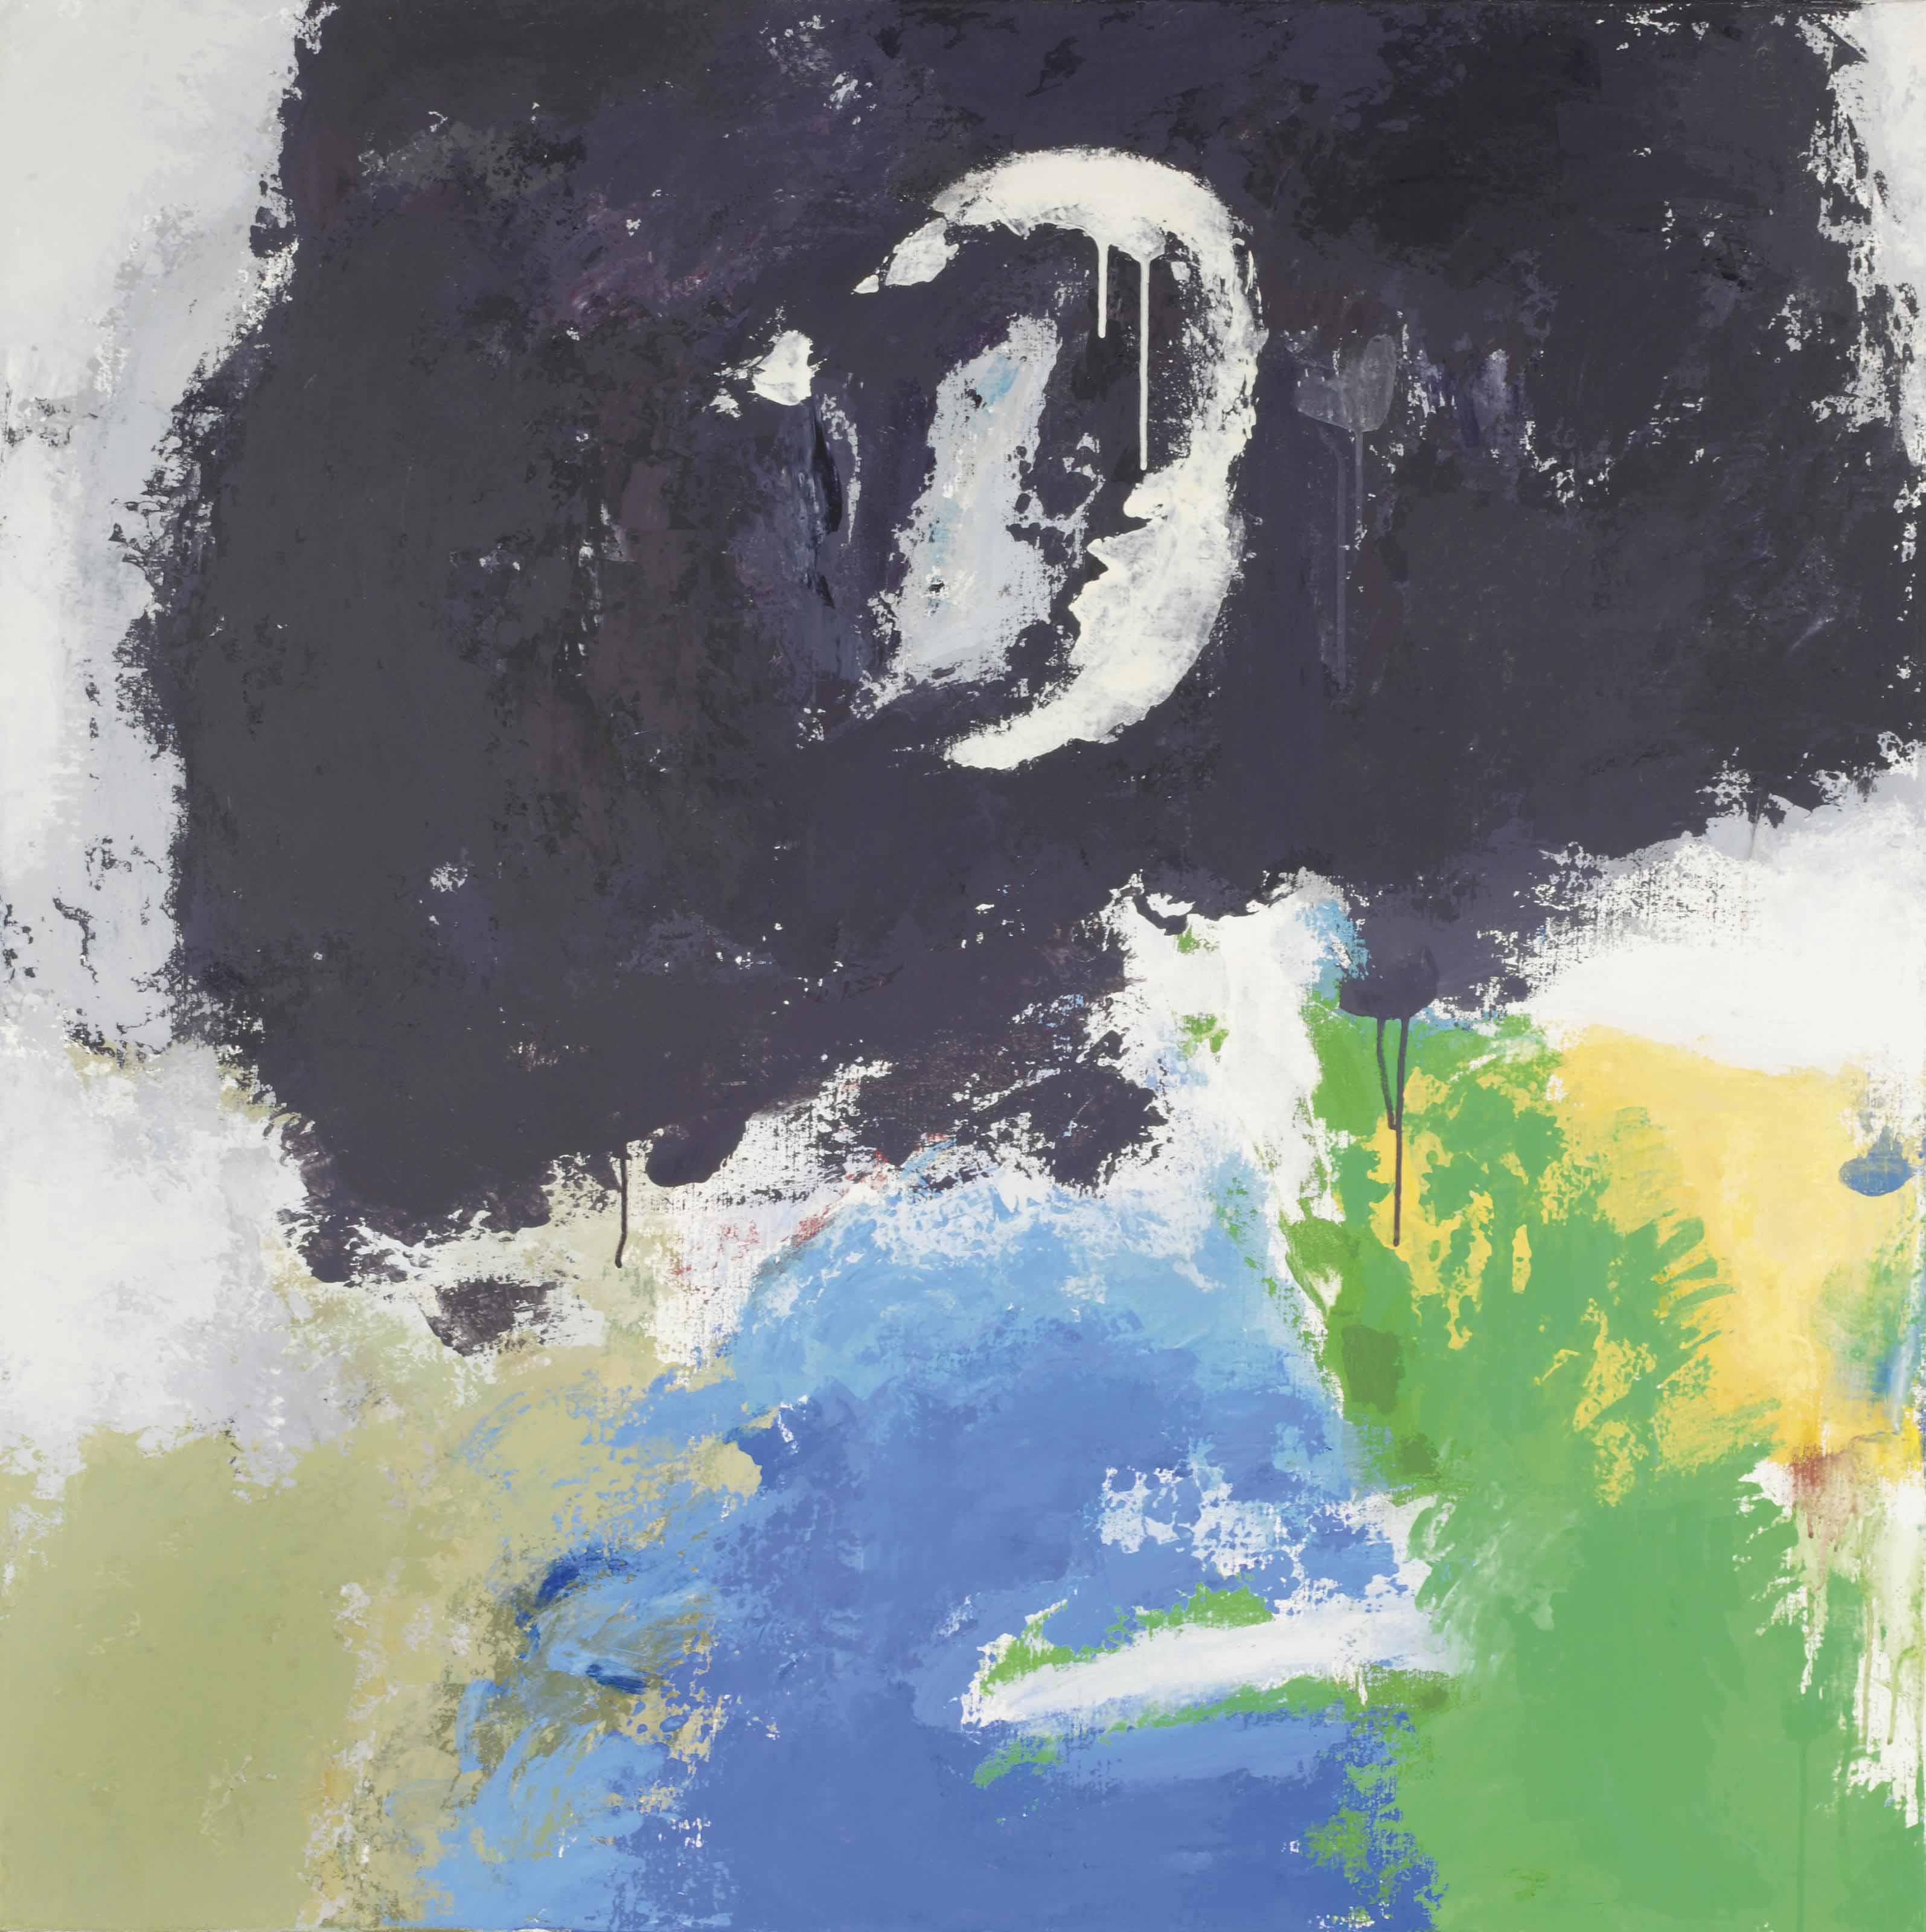 De maan III